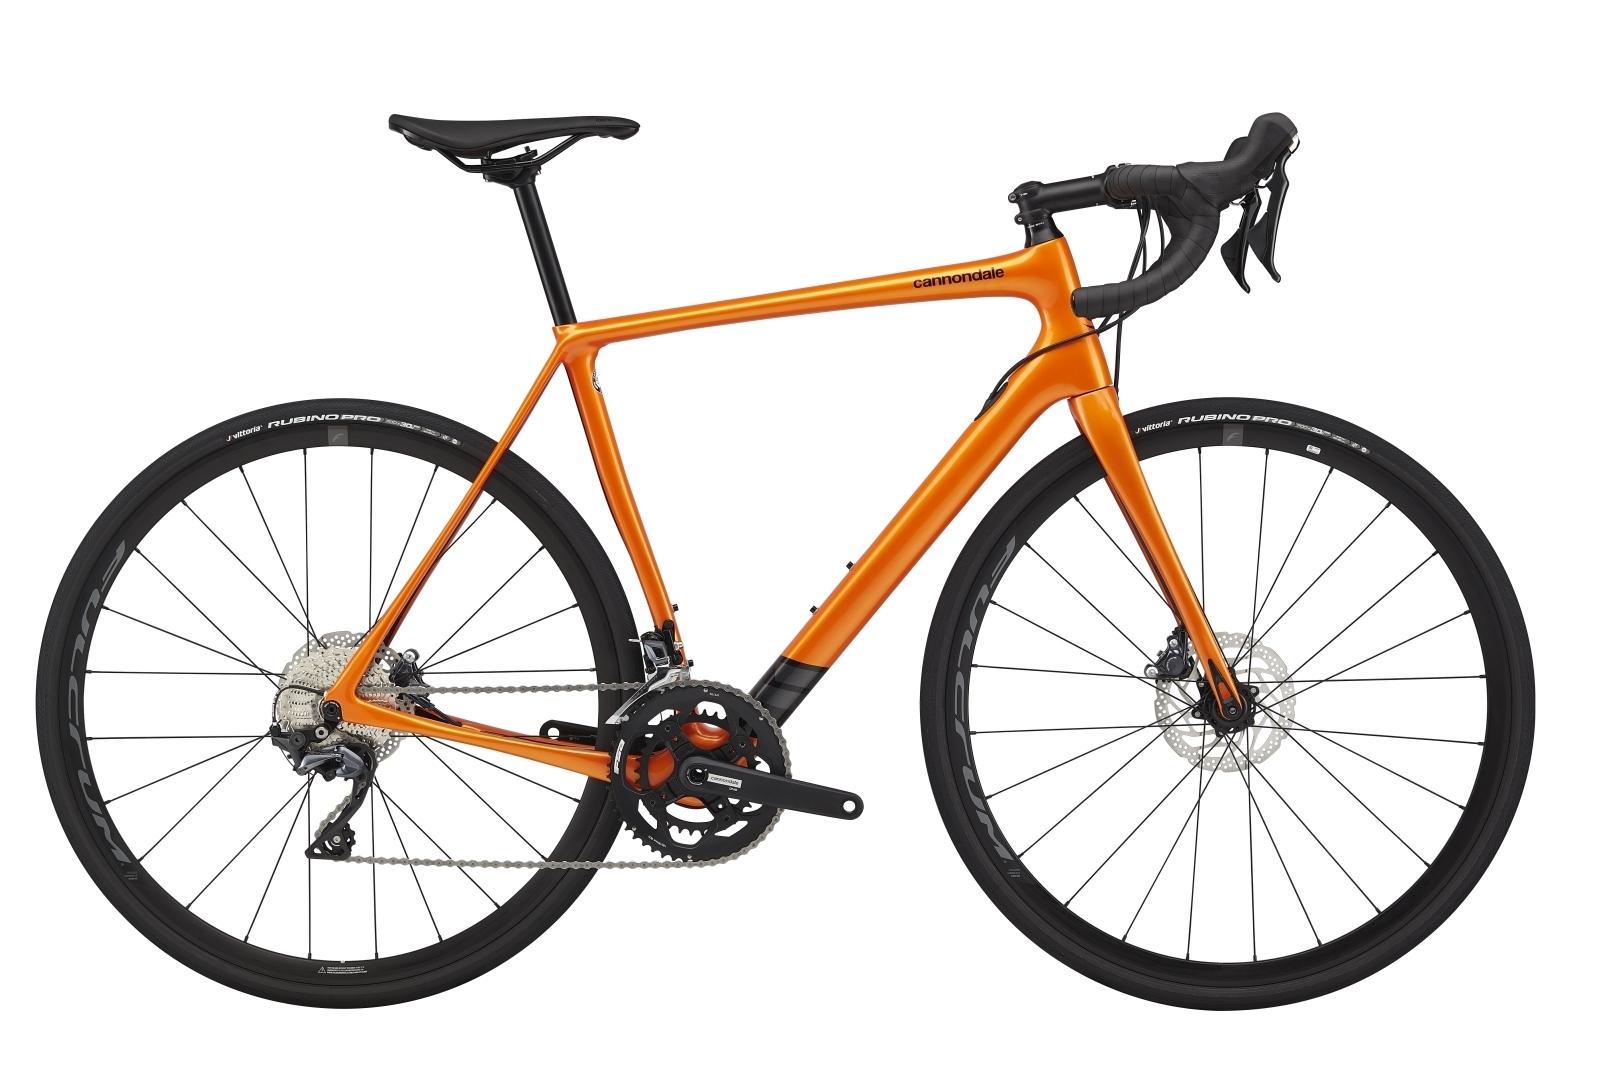 Cannondale Synapse Carbon Ultegra országúti kerékpár - narancs - 56 cm (2020)